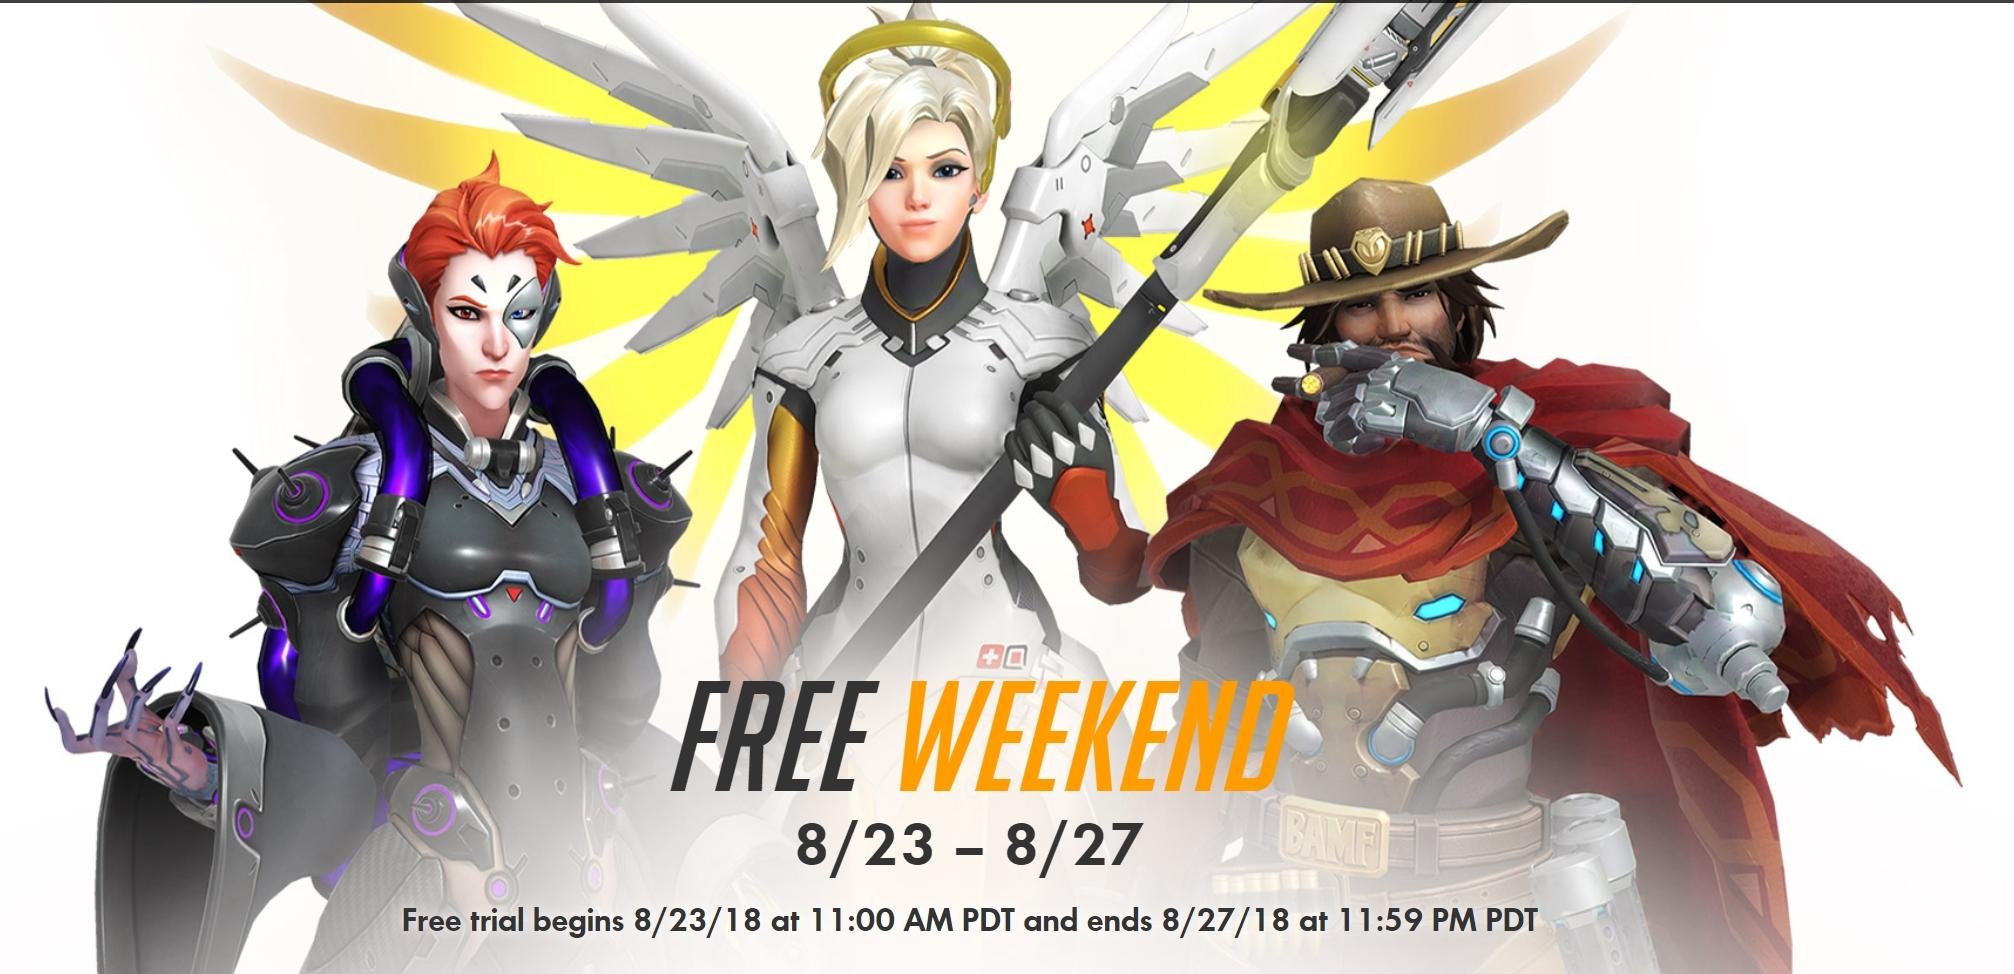 Overwatch Gratis Weekend van 23 t/m 28 augustus op PC, Xbox One en PS4